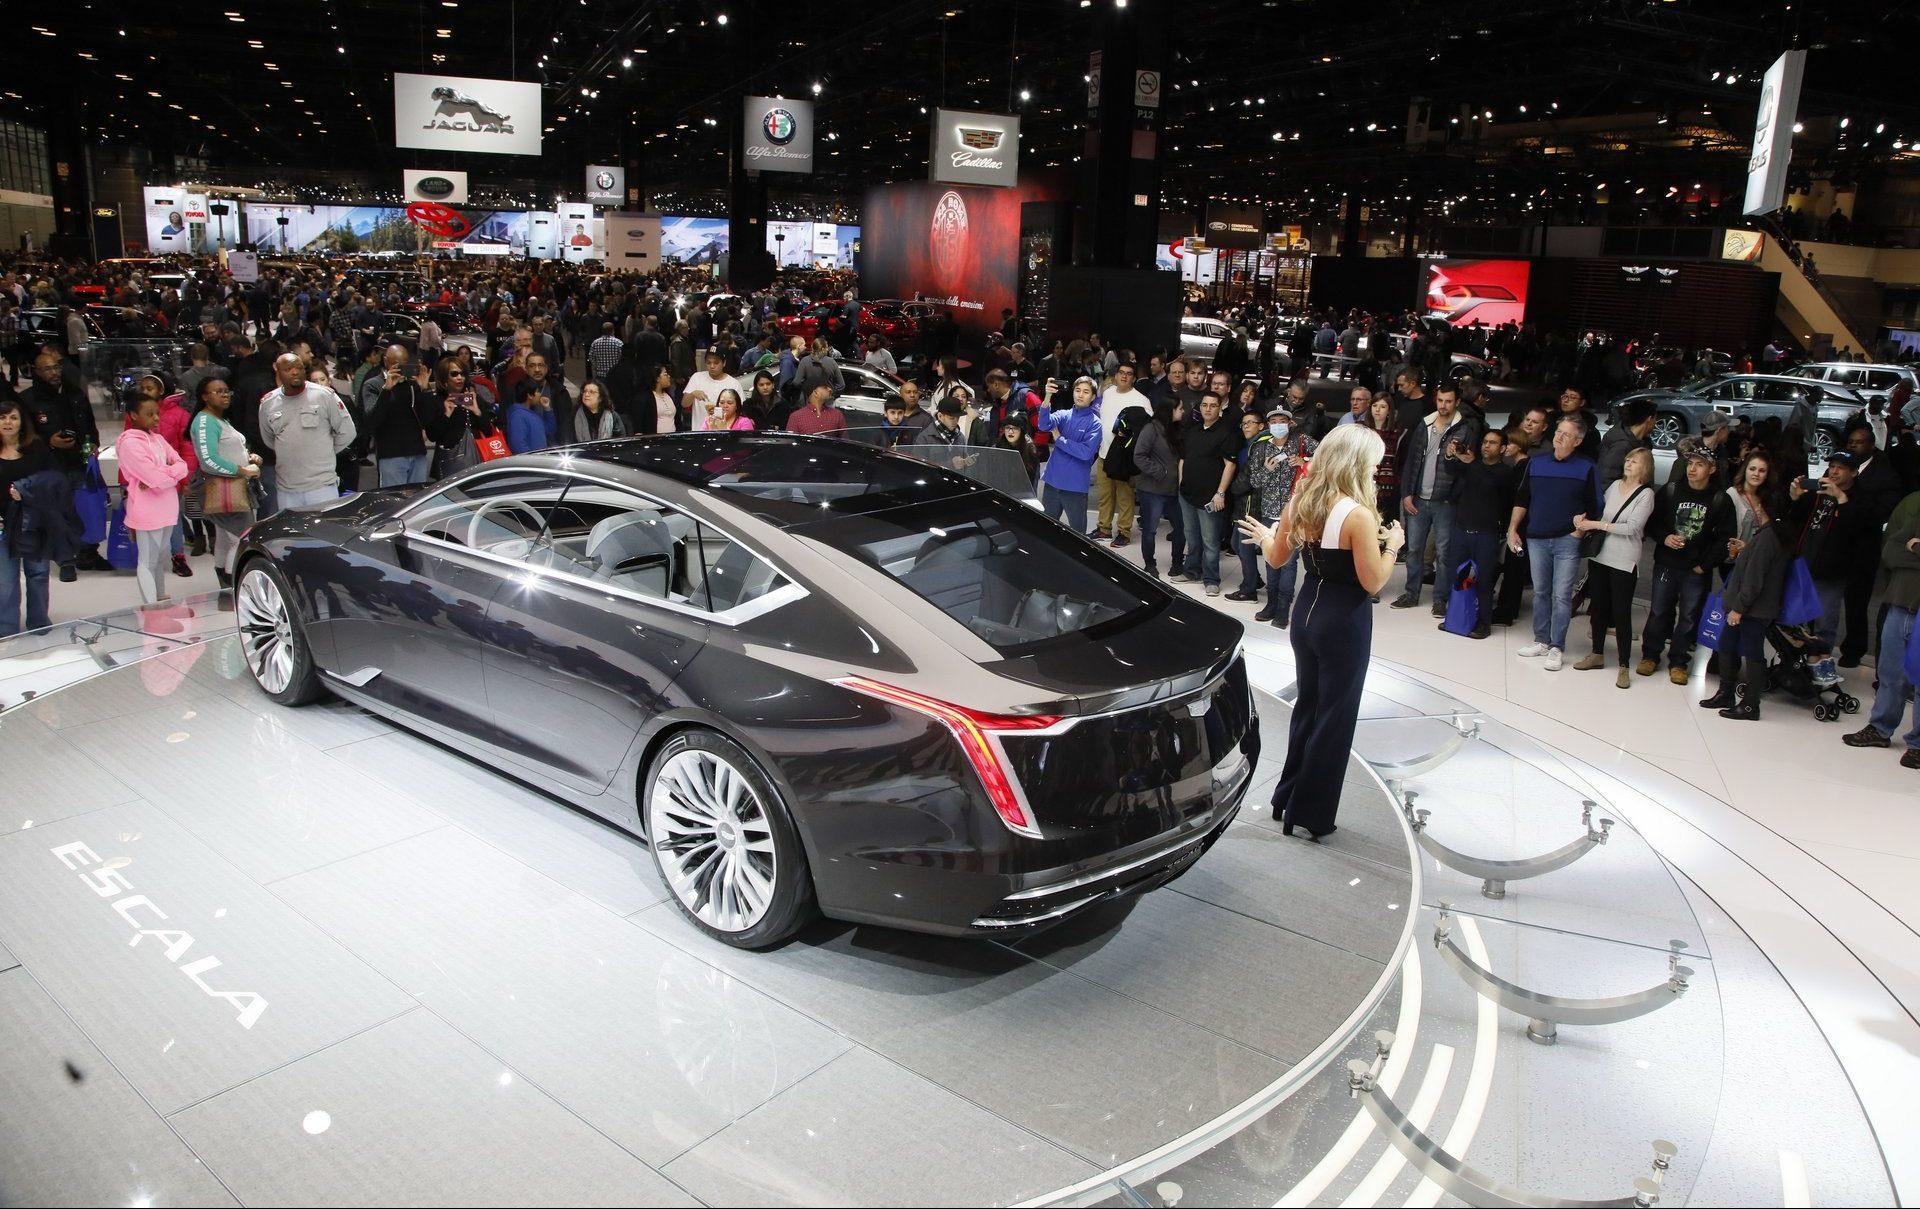 معرض شيكاغو للسيارات 2021 يعود في تموز